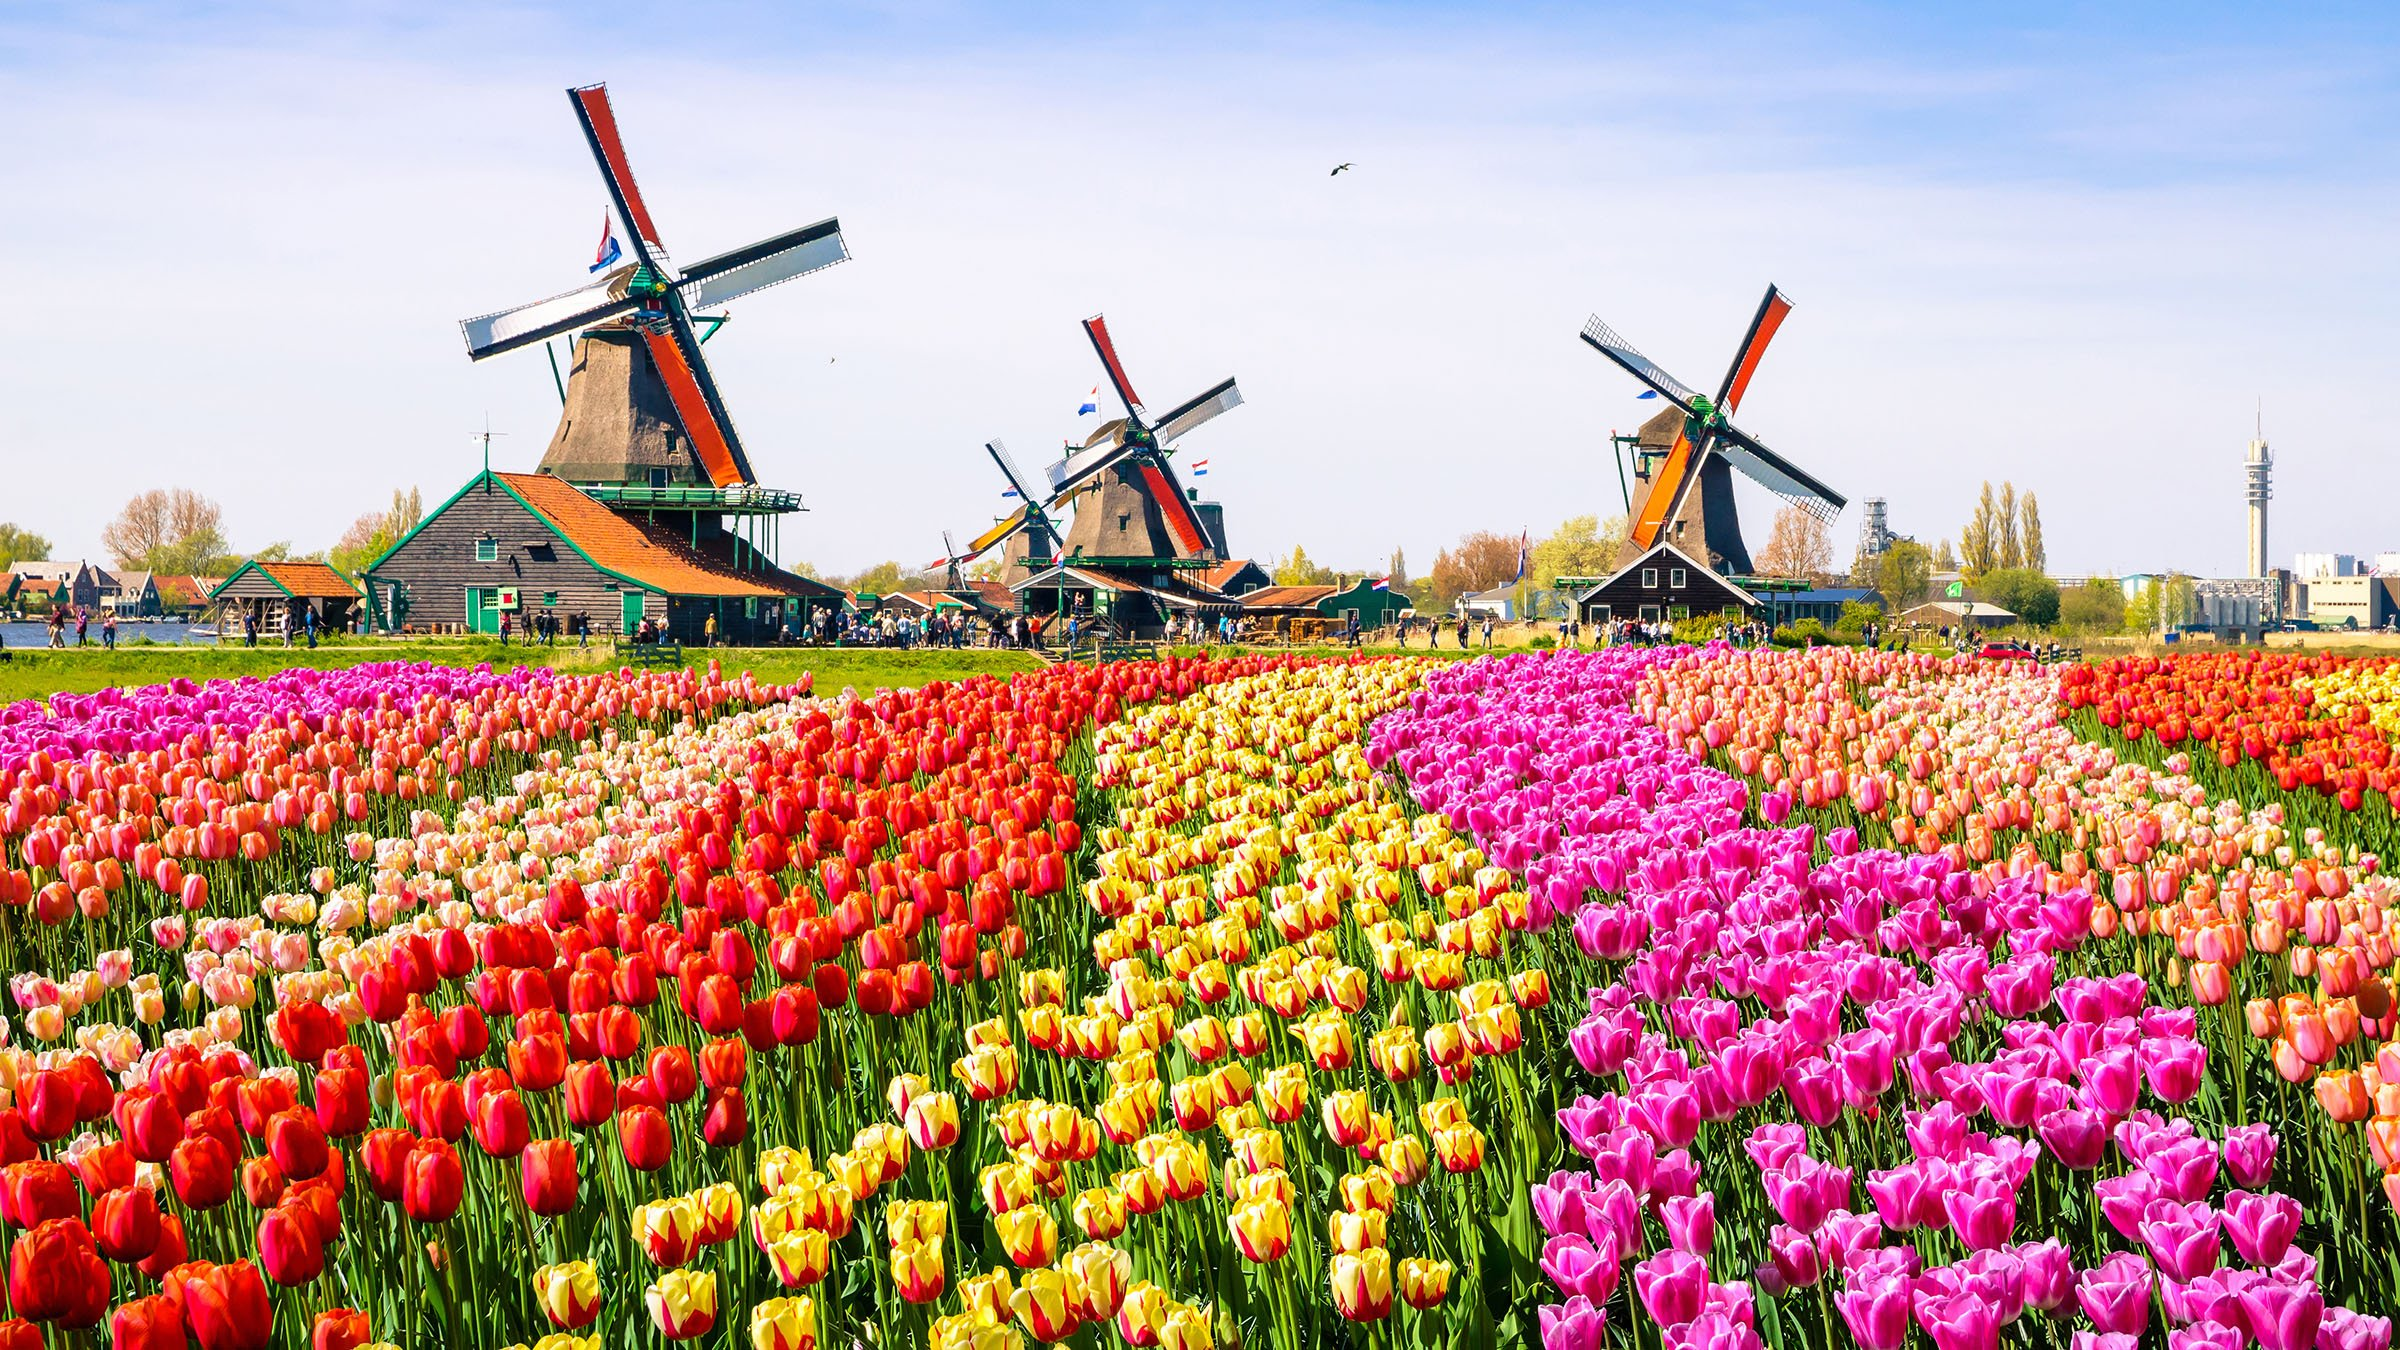 Los coloridos tulipanes en zaanse schans holanda - Jardines de tulipanes en holanda ...